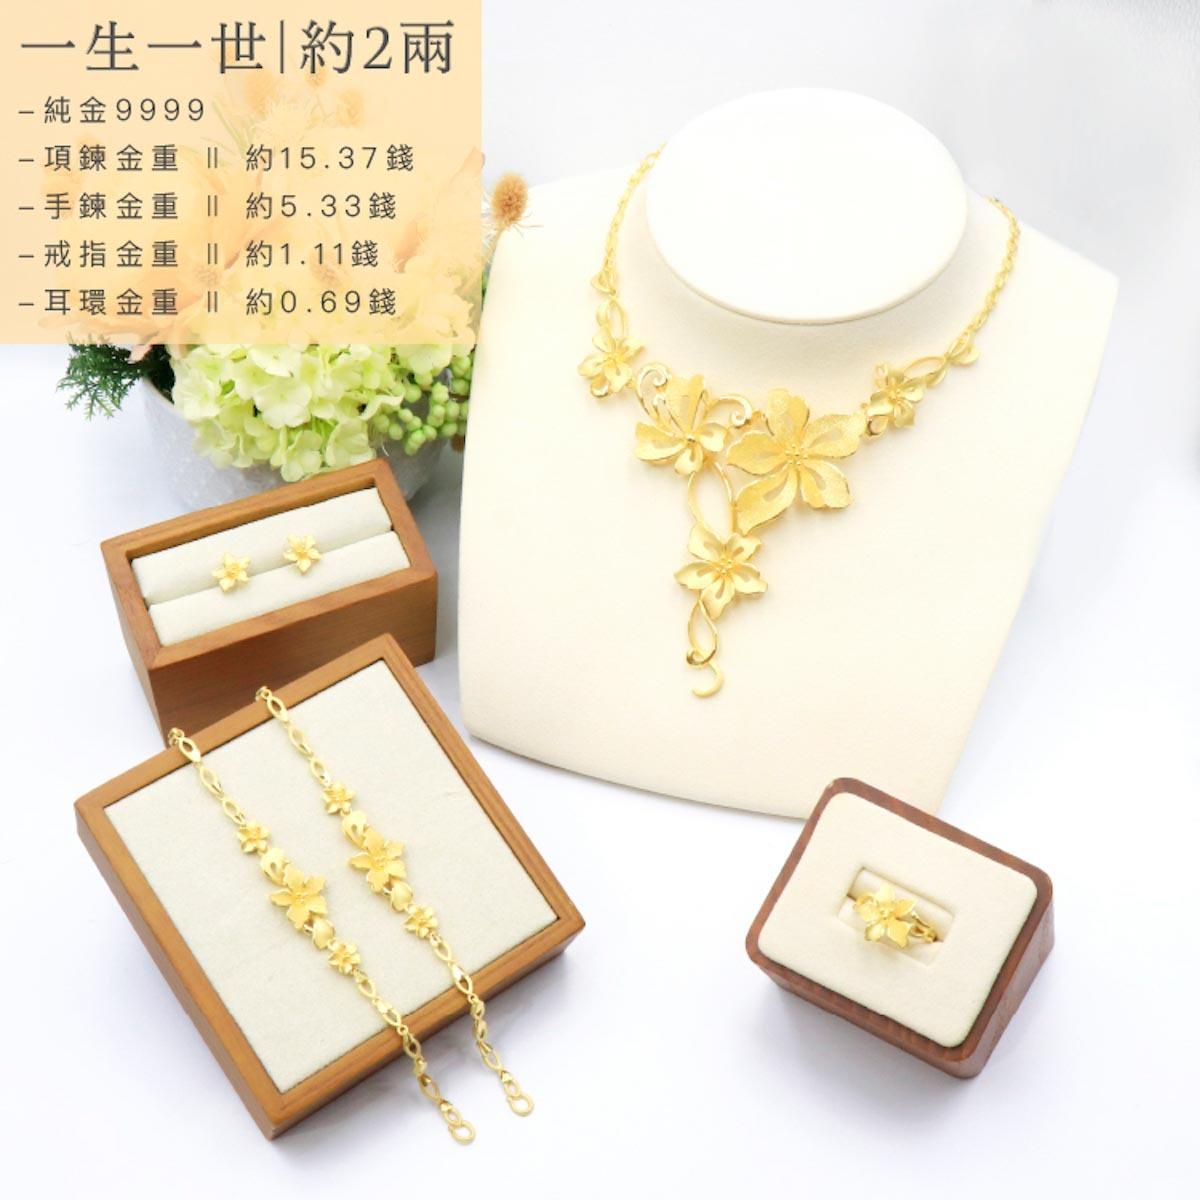 結婚金飾男方女方都要準備,包含金項鍊、金戒指、金耳環等黃金套組